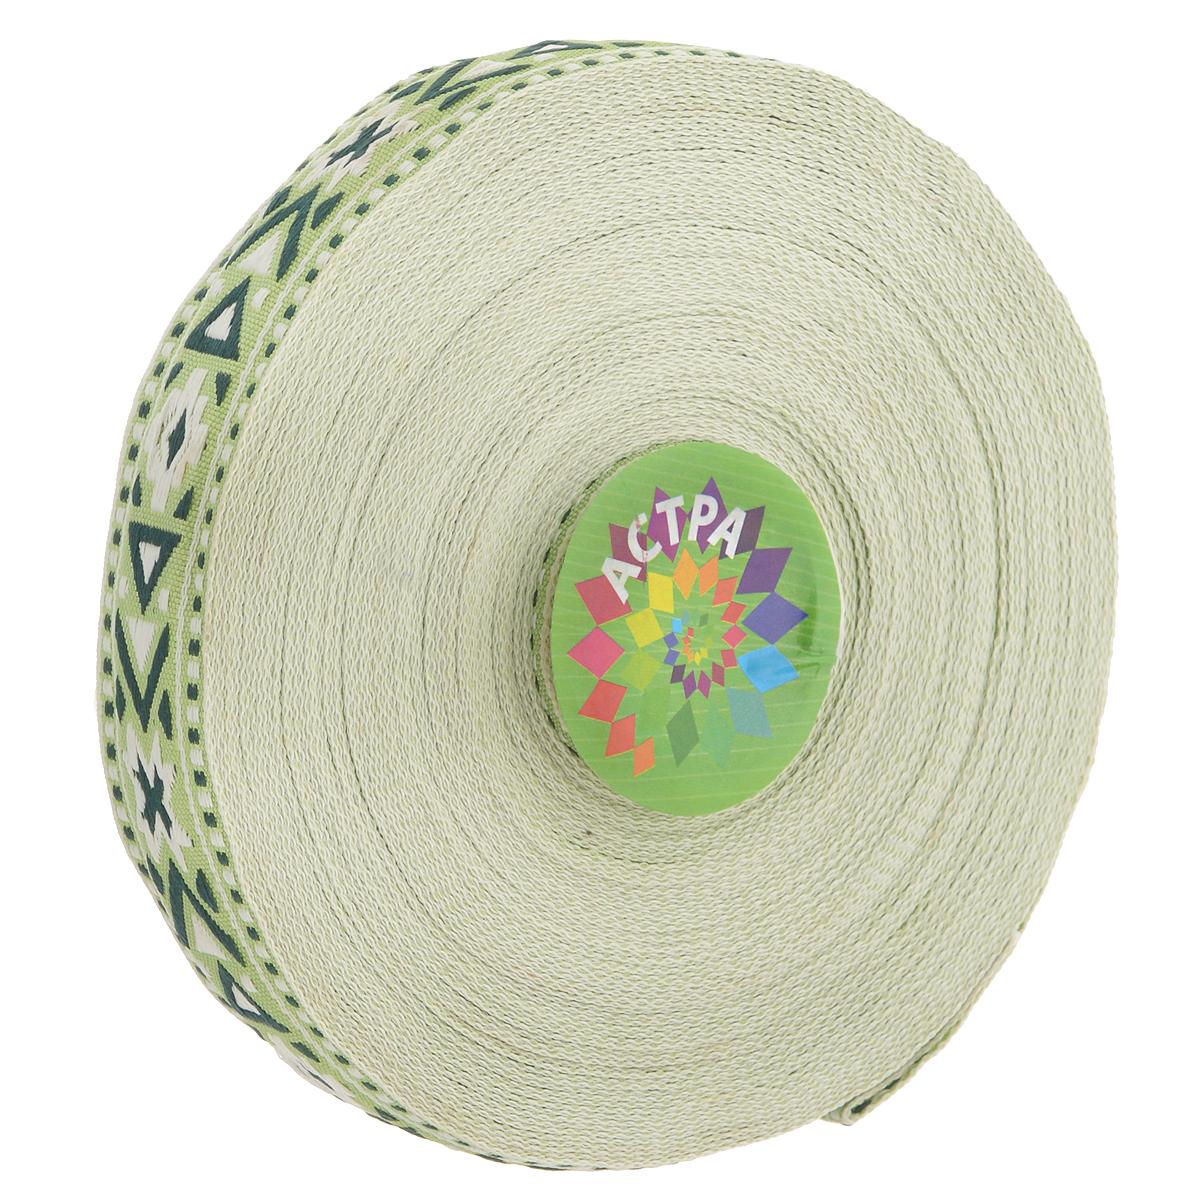 Тесьма декоративная Астра, цвет: зеленый (2), ширина 2 см, длина 16,4 м. 7703269 тесьма декоративная астра ширина 4 см длина 16 4 м